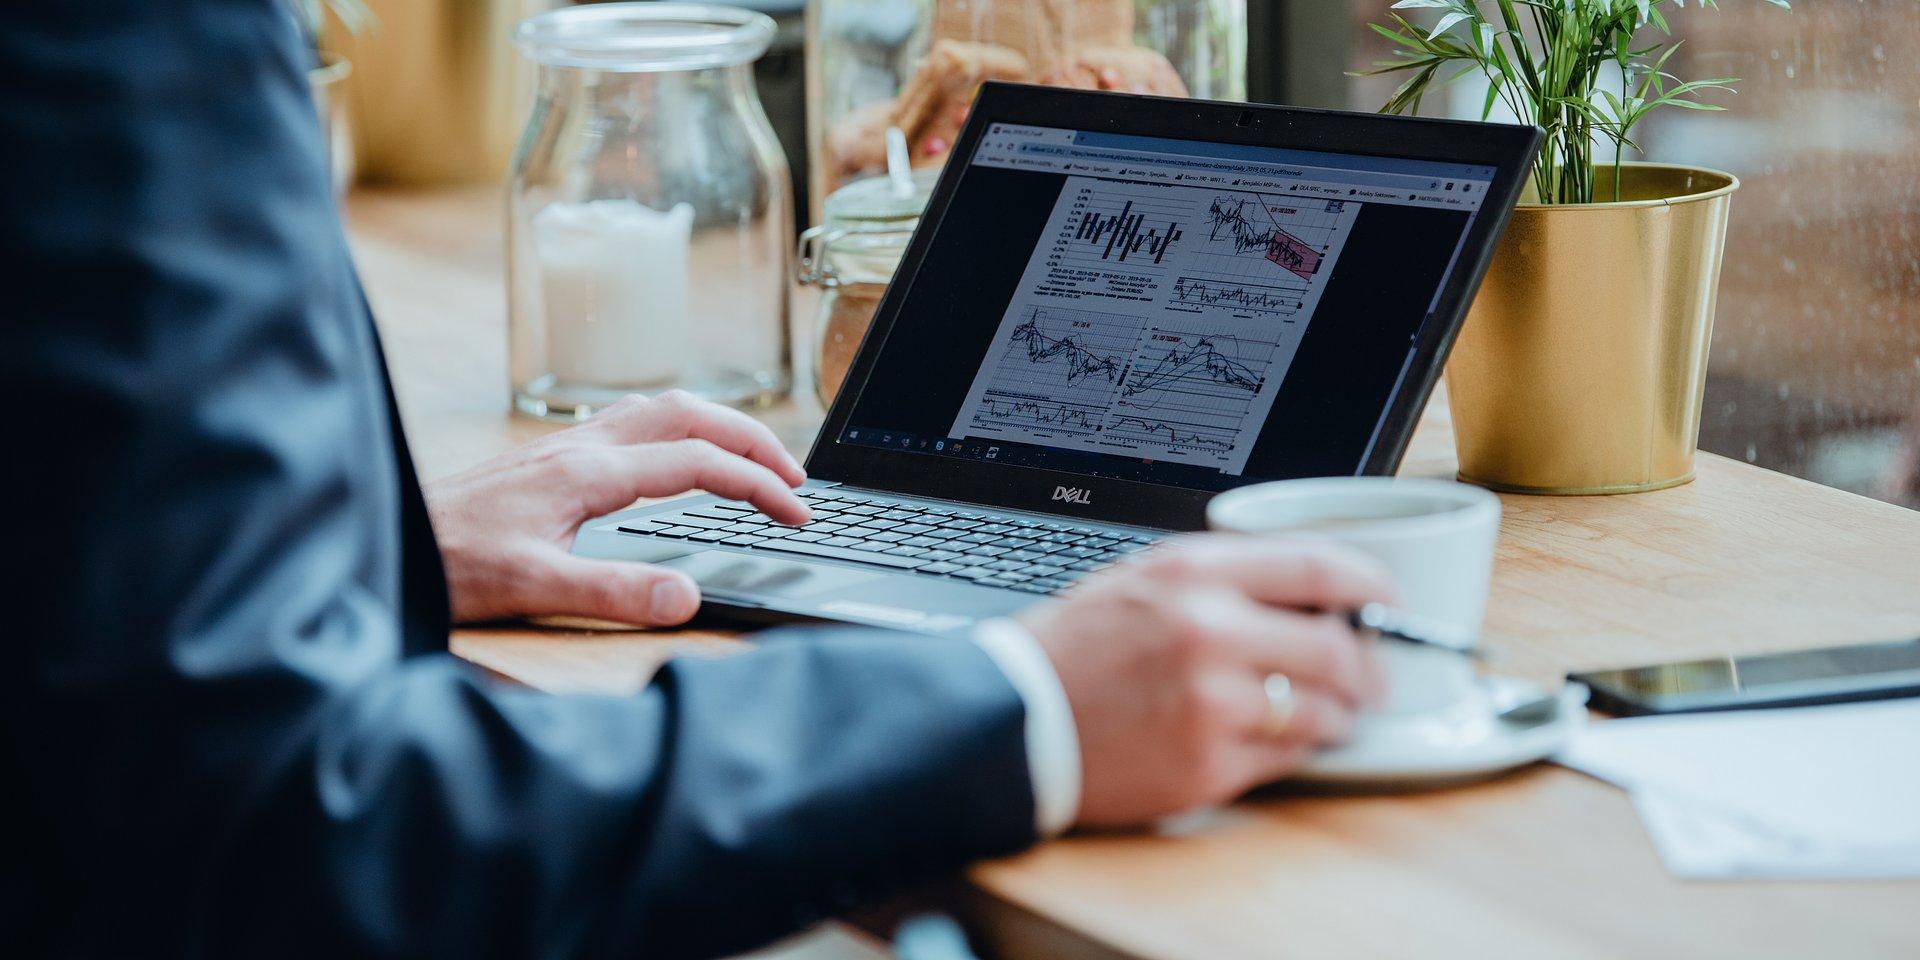 Tematy inwestycyjne – unikatowy proces budowania portfela w biurze maklerskim mBanku